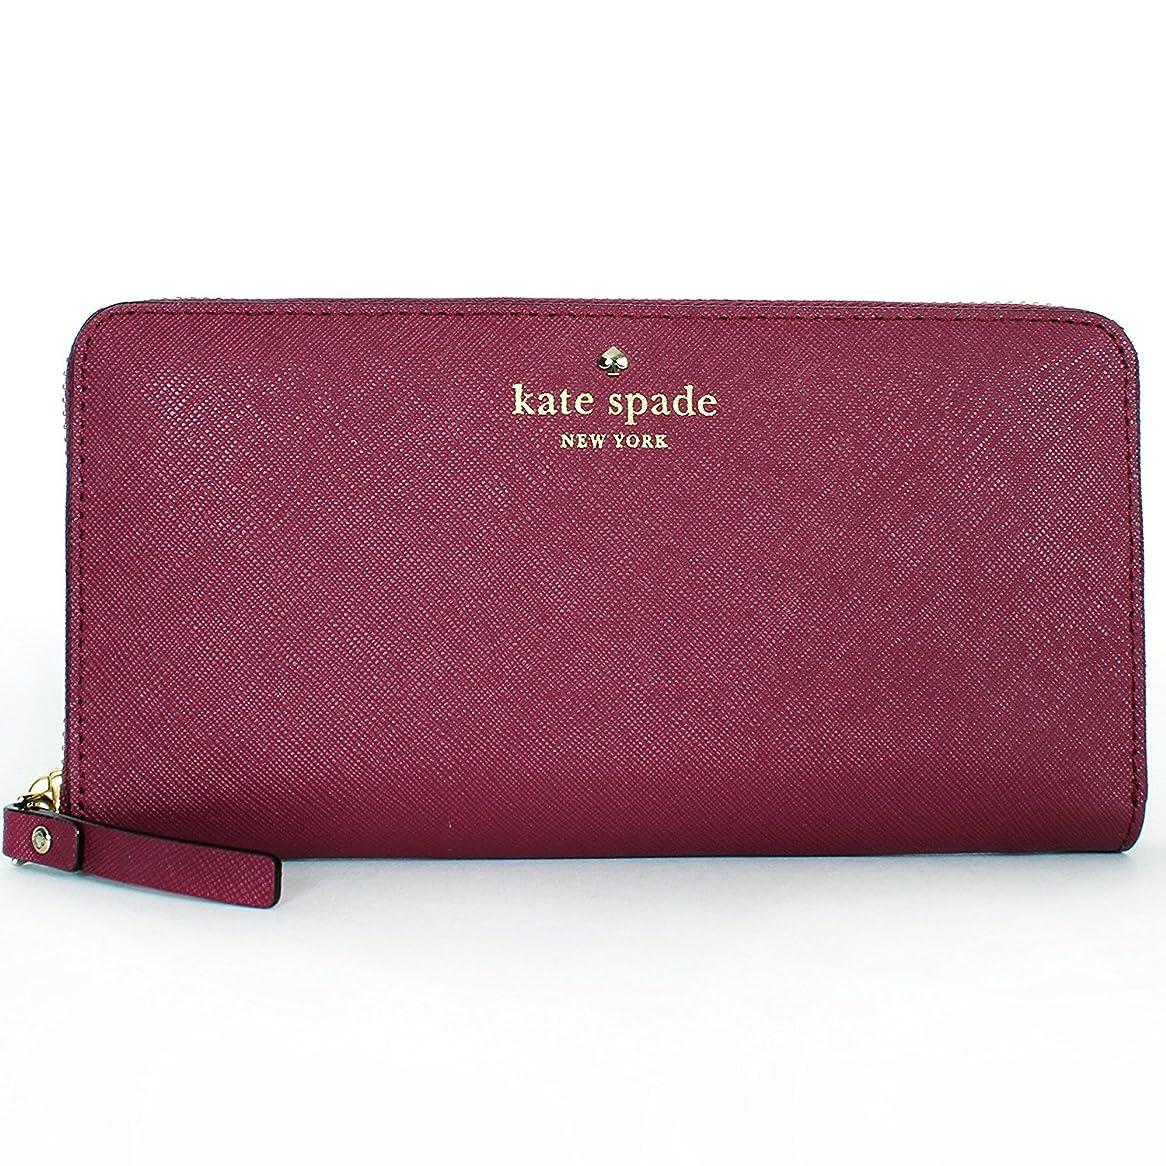 役に立つ有害スクランブルケイトスペード 長財布 Mikas Pond Lacey(red plum) KateSpade【アウトレット】【並行輸入品】